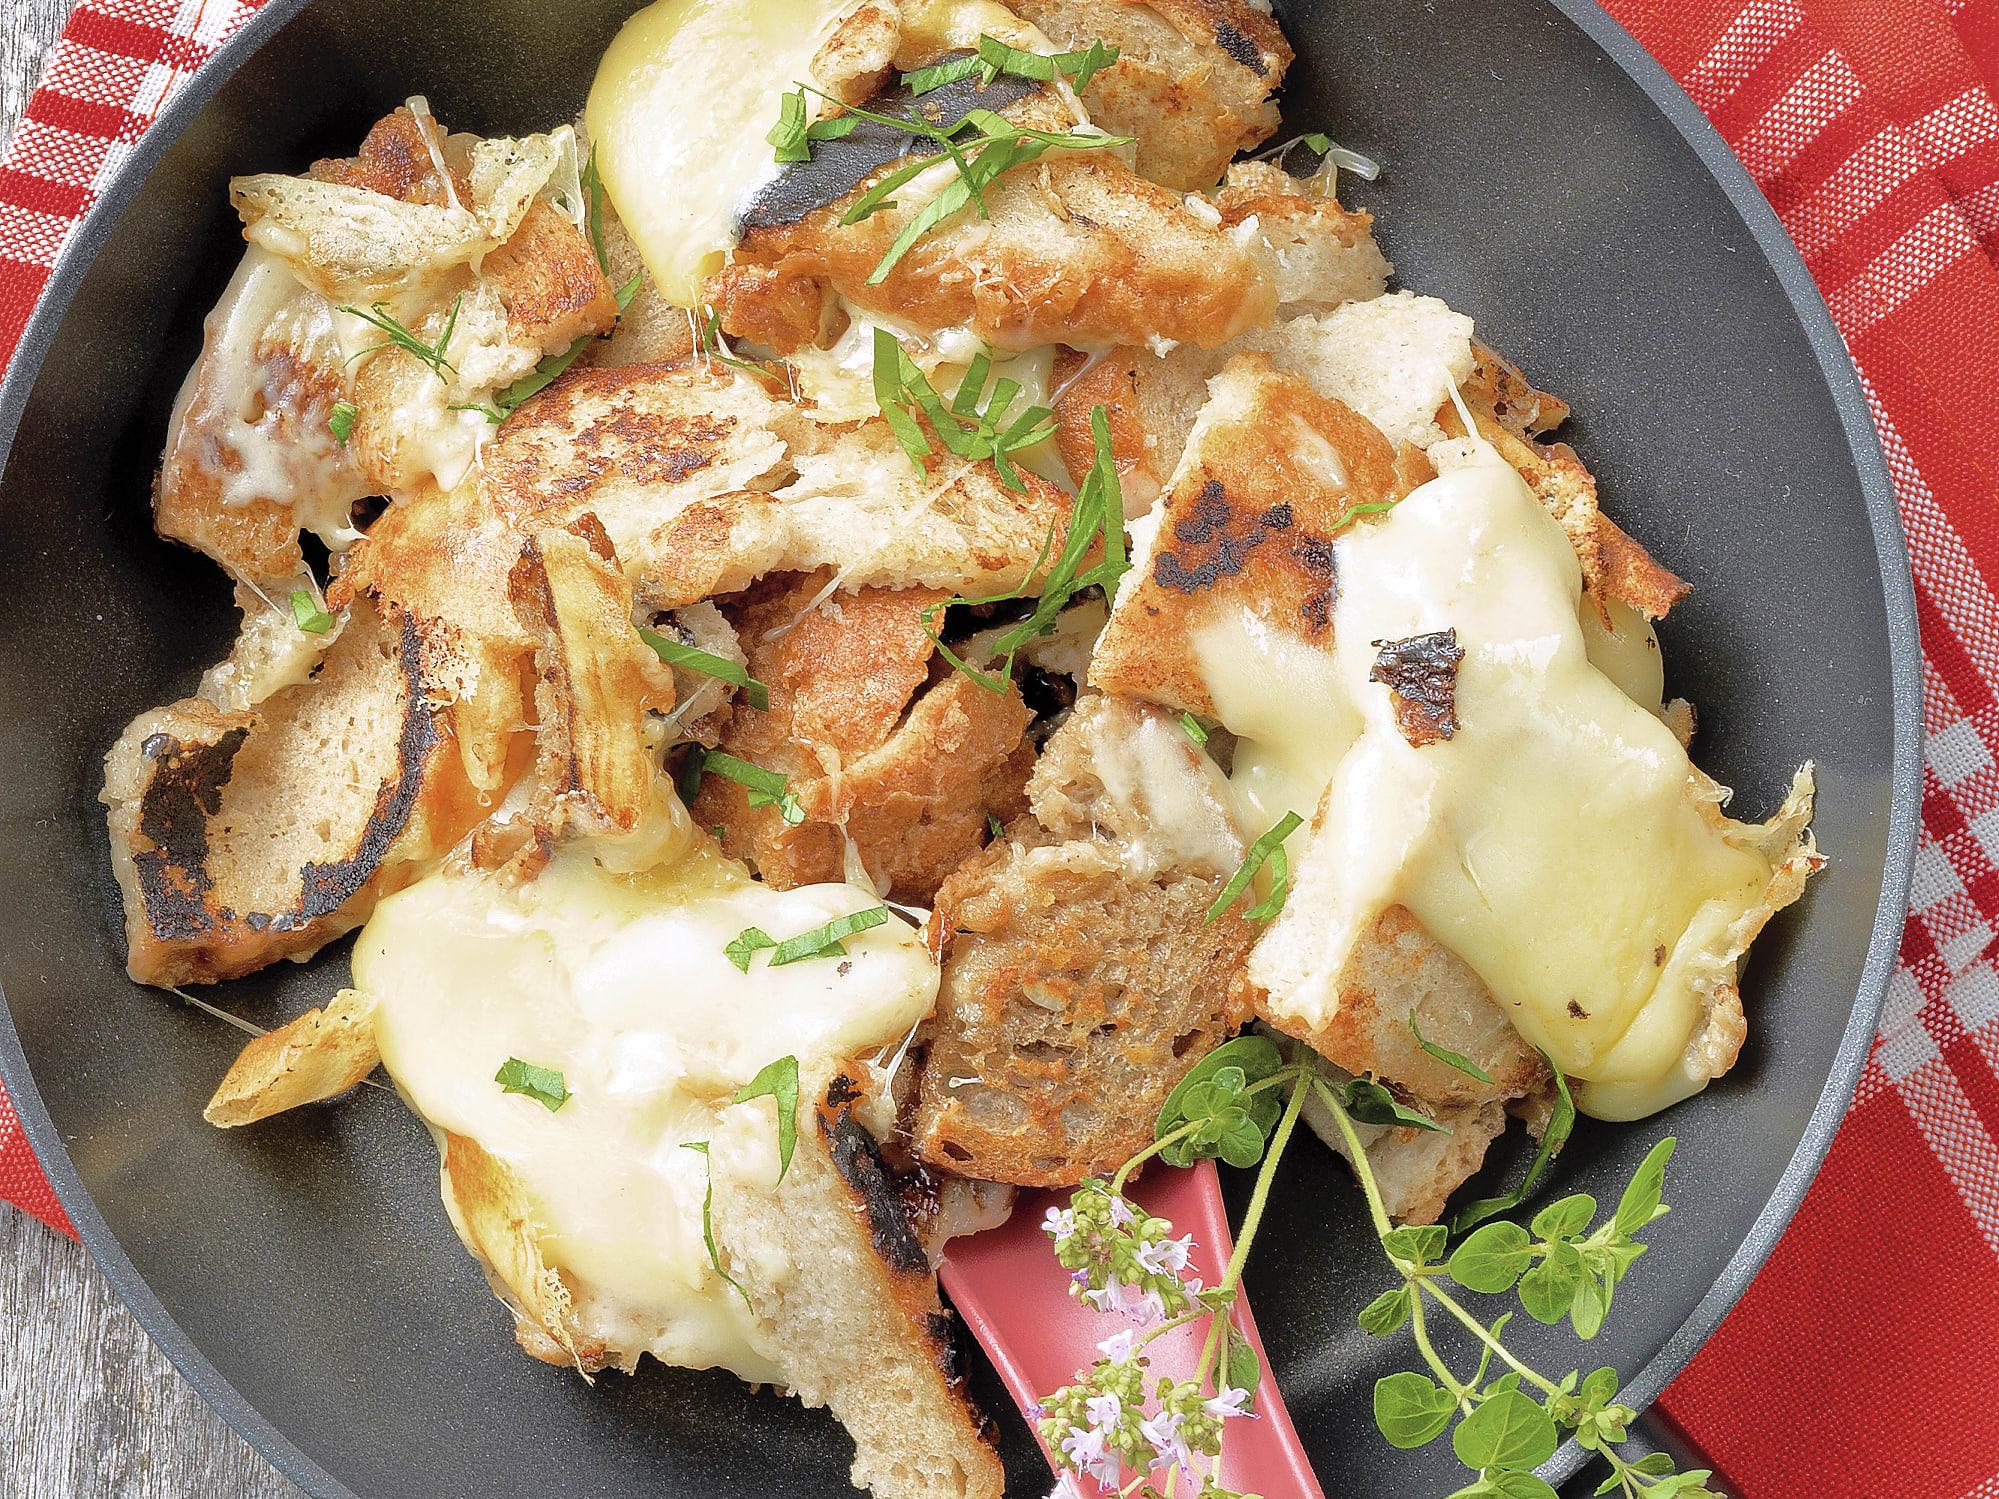 Chäsgezank (croûtes dorées au fromage)